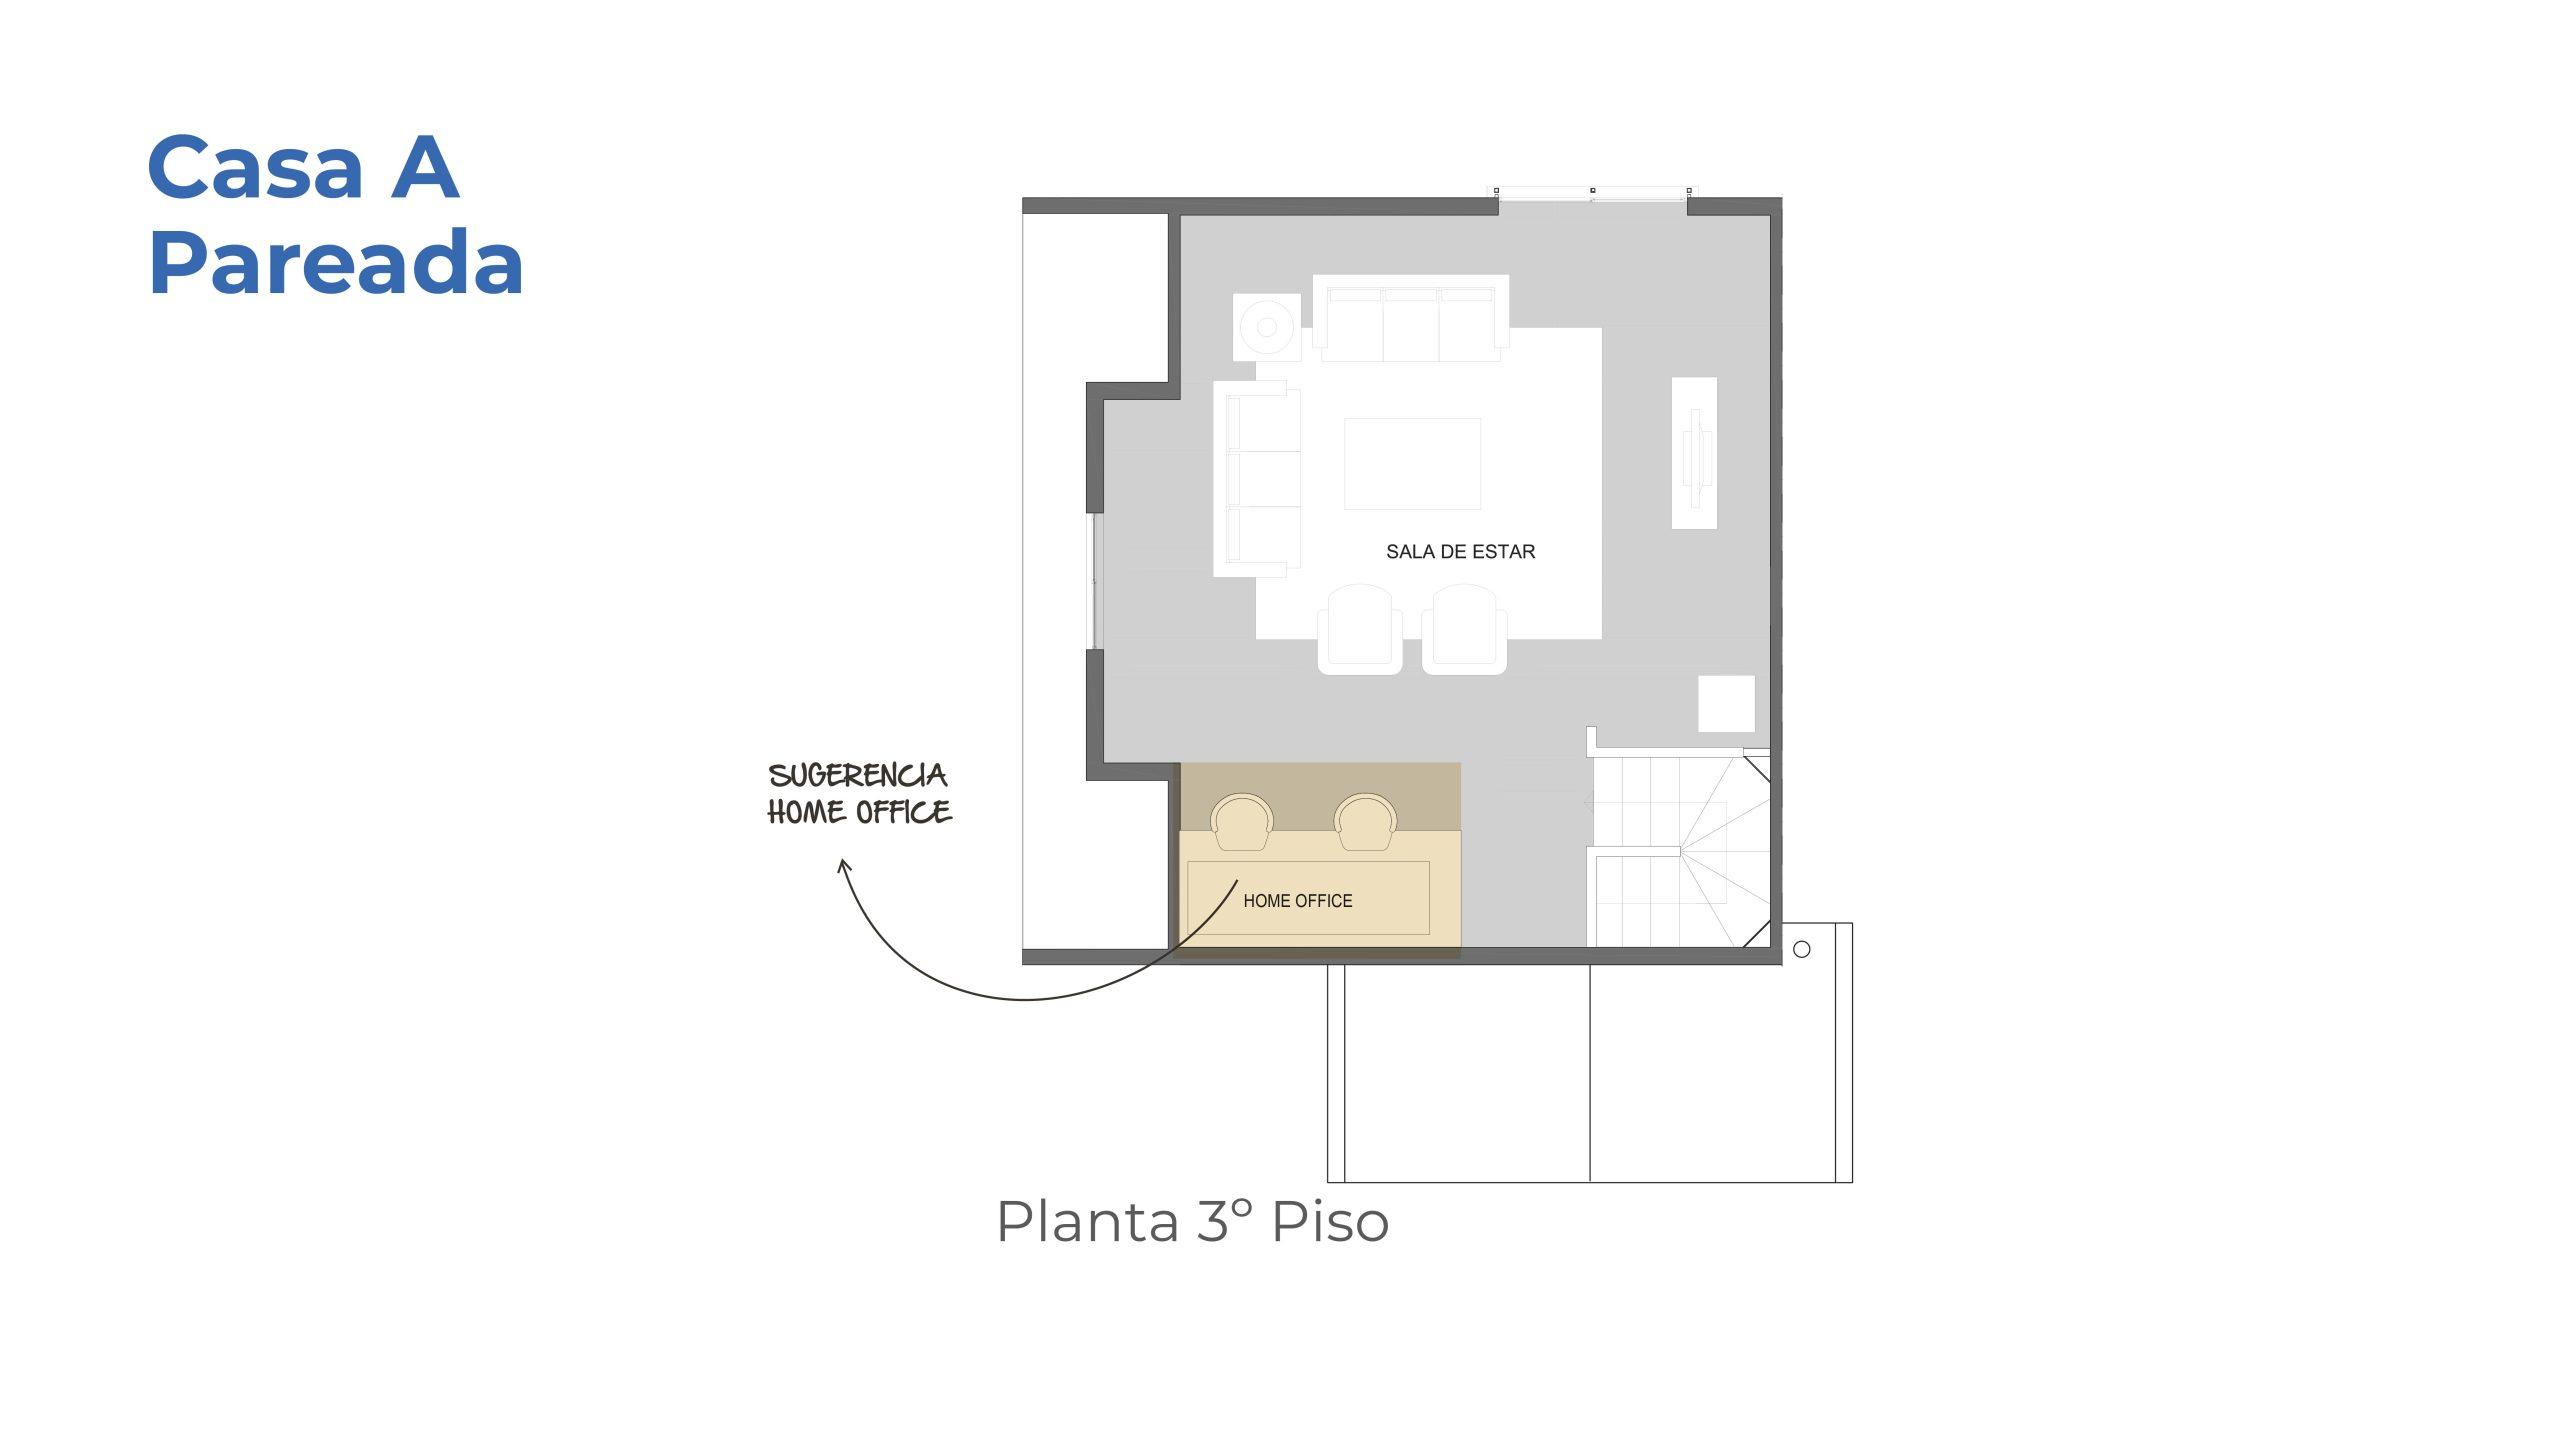 Entre Parques Etapa IV - Casa A - 137 y 144 mts